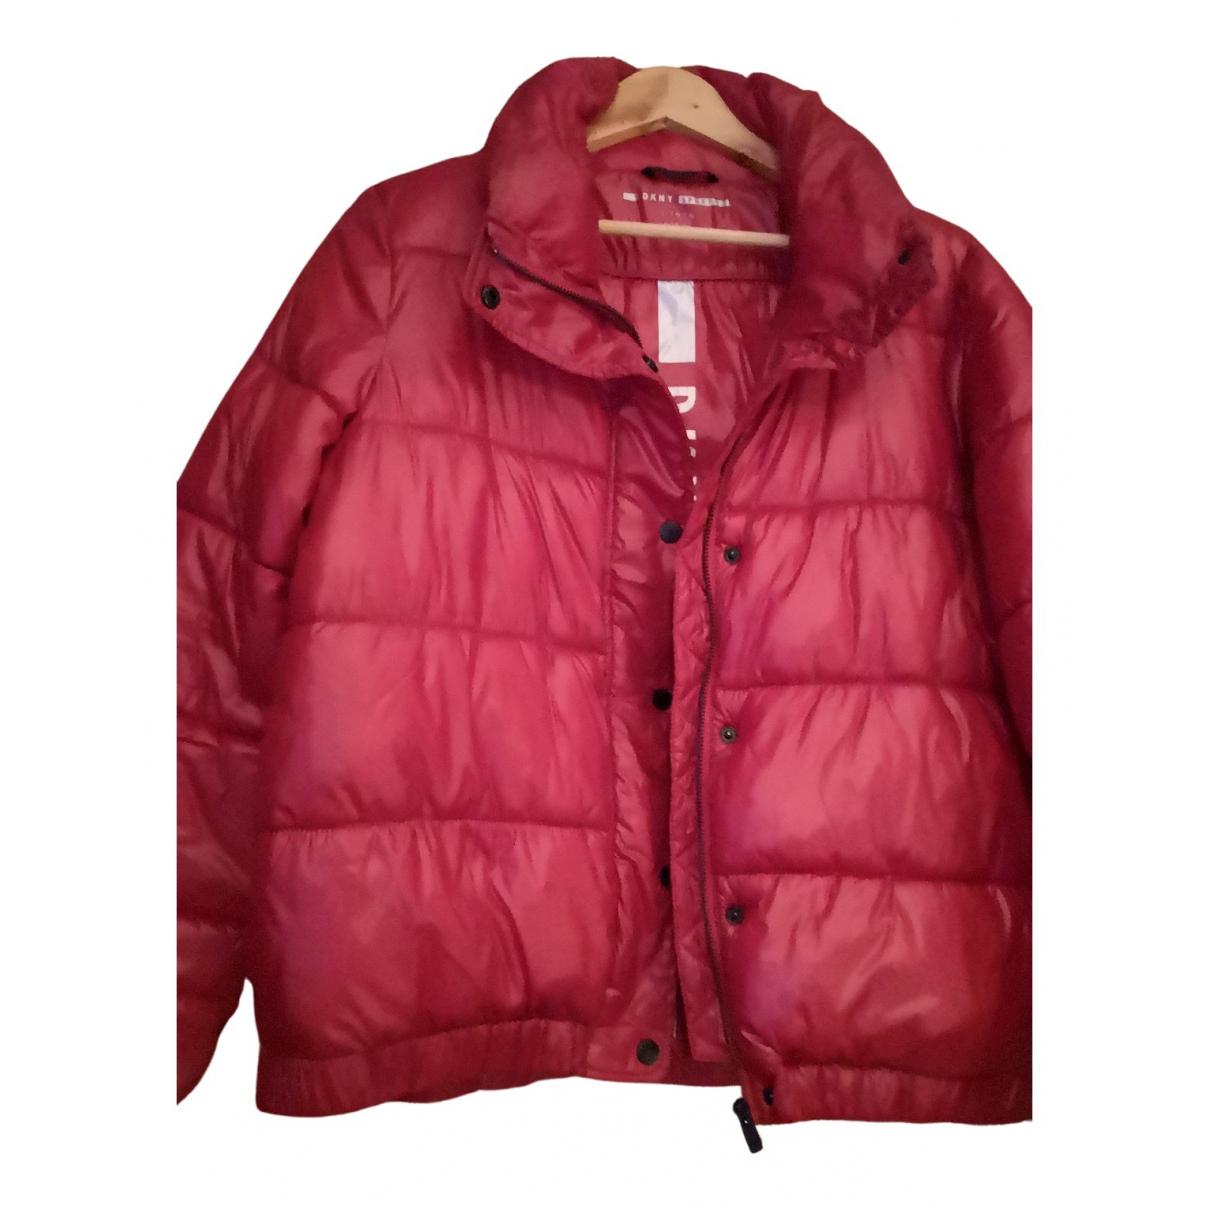 Dkny \N Lederjacke in  Rot Polyester